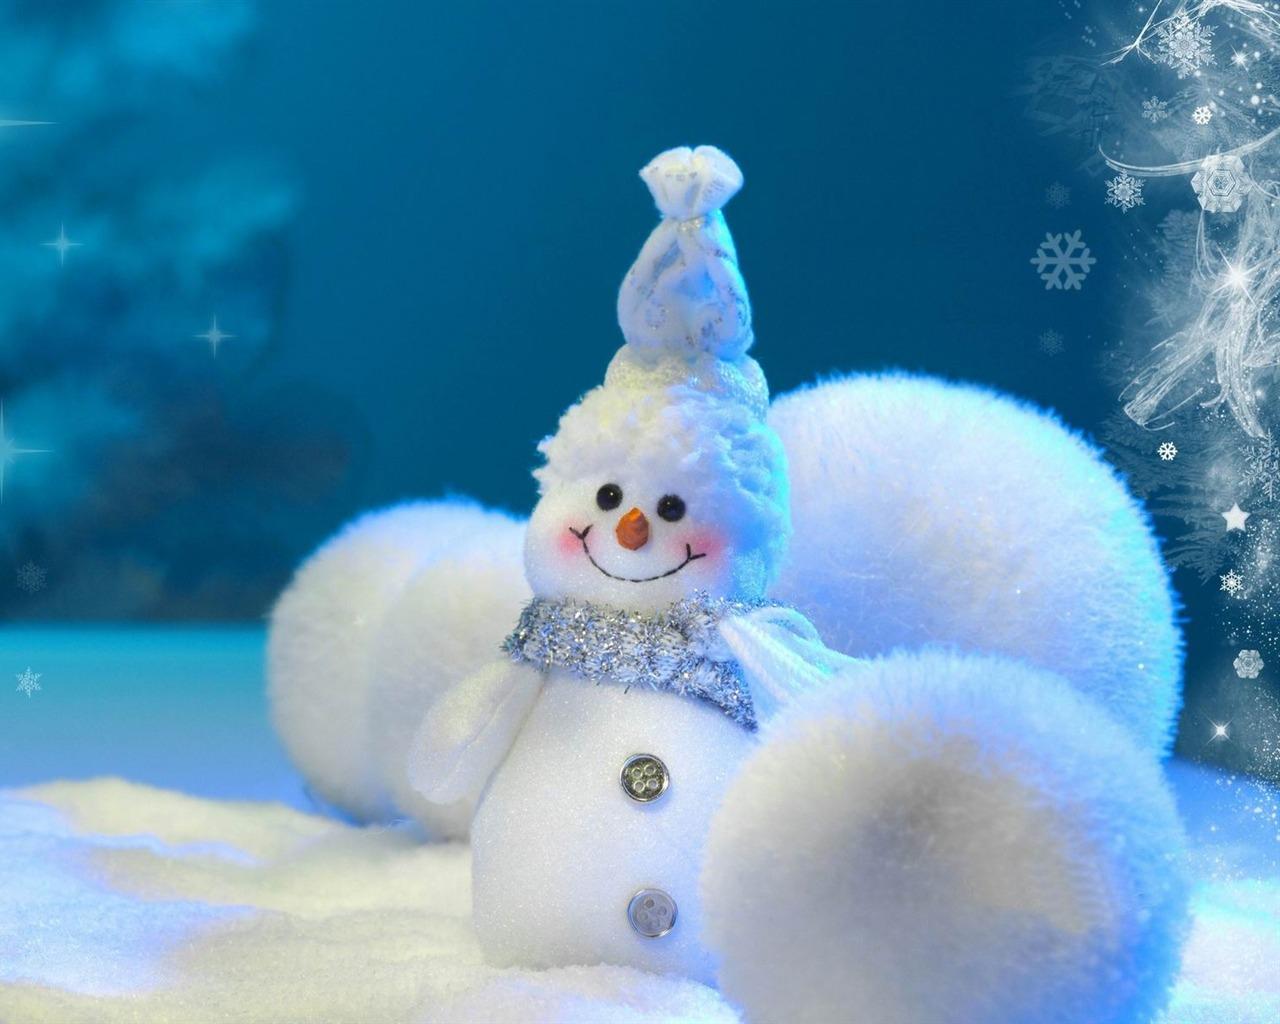 cute snowman Christmas HD computer wallpaper 02   1280x1024 wallpaper 1280x1024